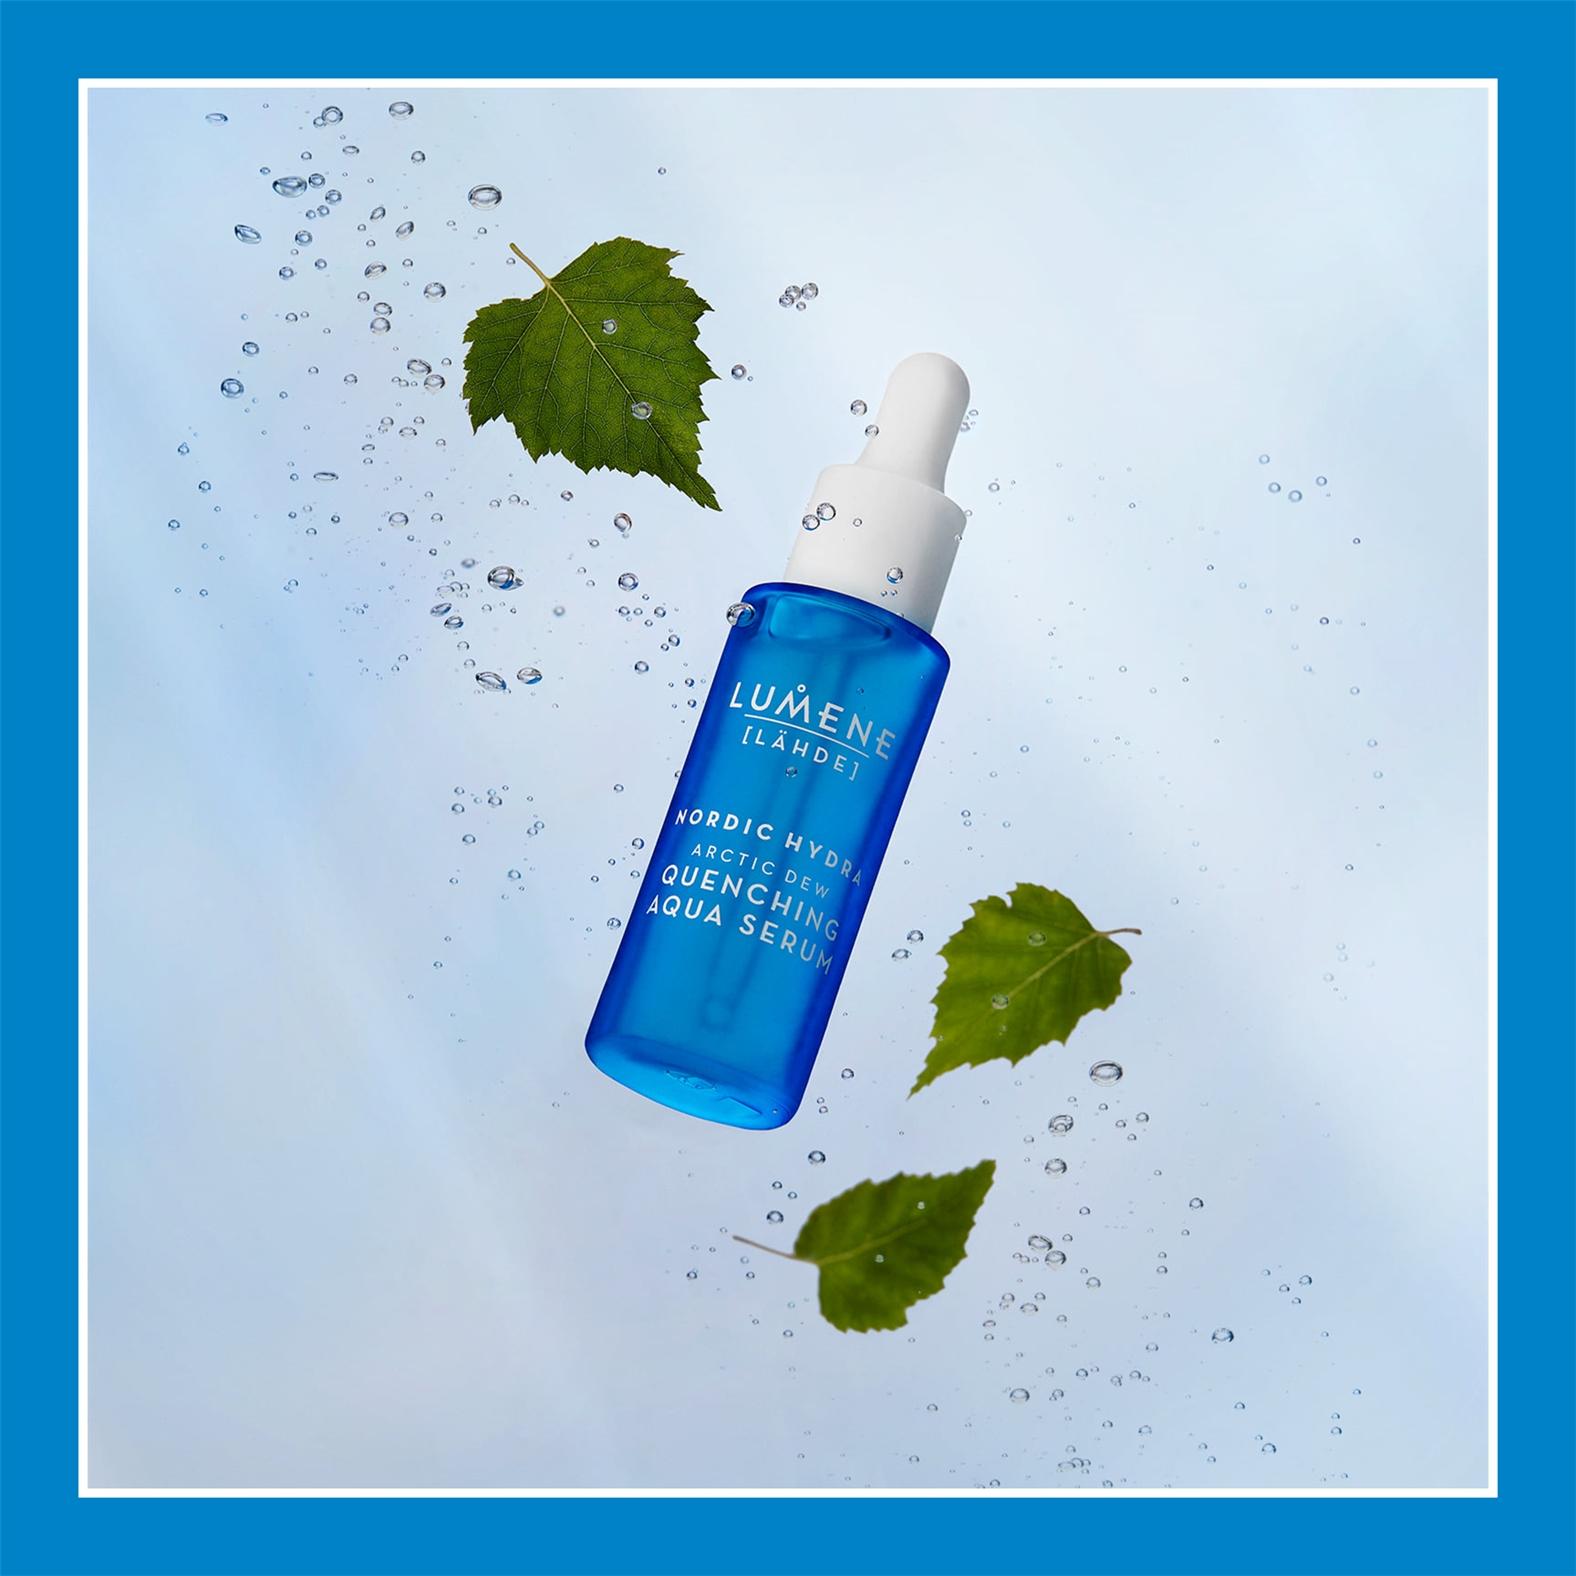 夏季保湿做得好,肌肤更亮白还能防出油!Lumene/优姿婷 补水保湿面部精华液30ml装